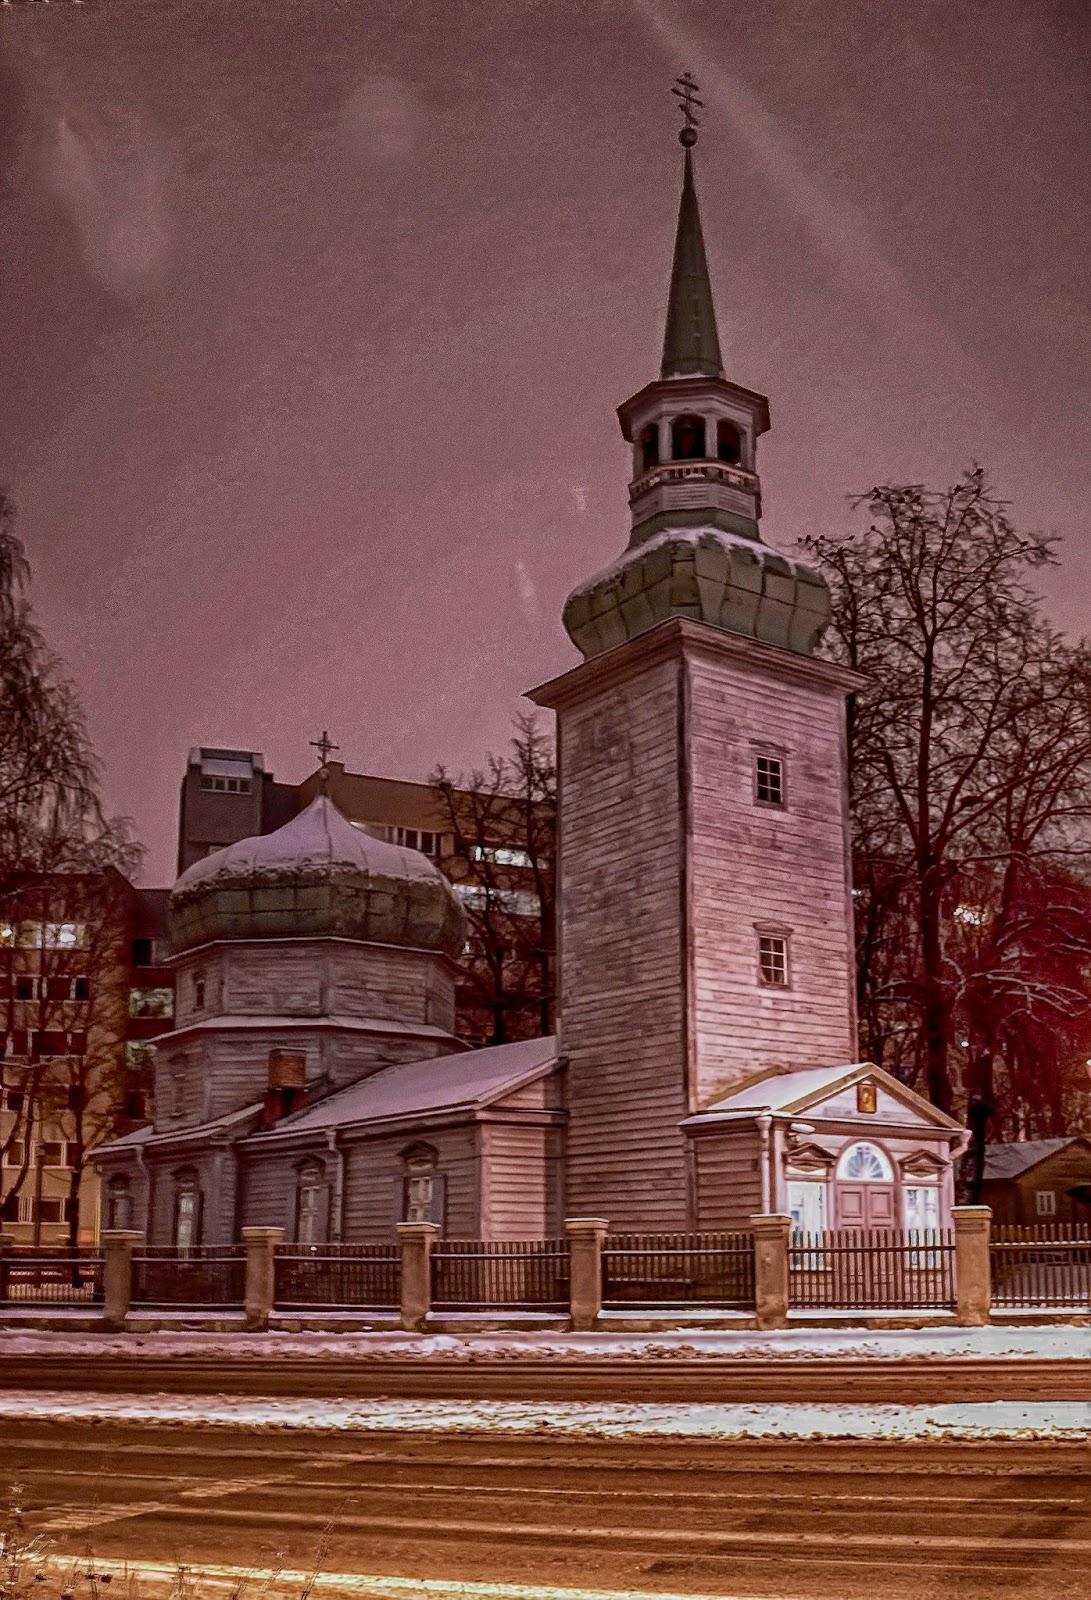 Церковь Рождества Пресвятой Богородицы (Казанская церковь)